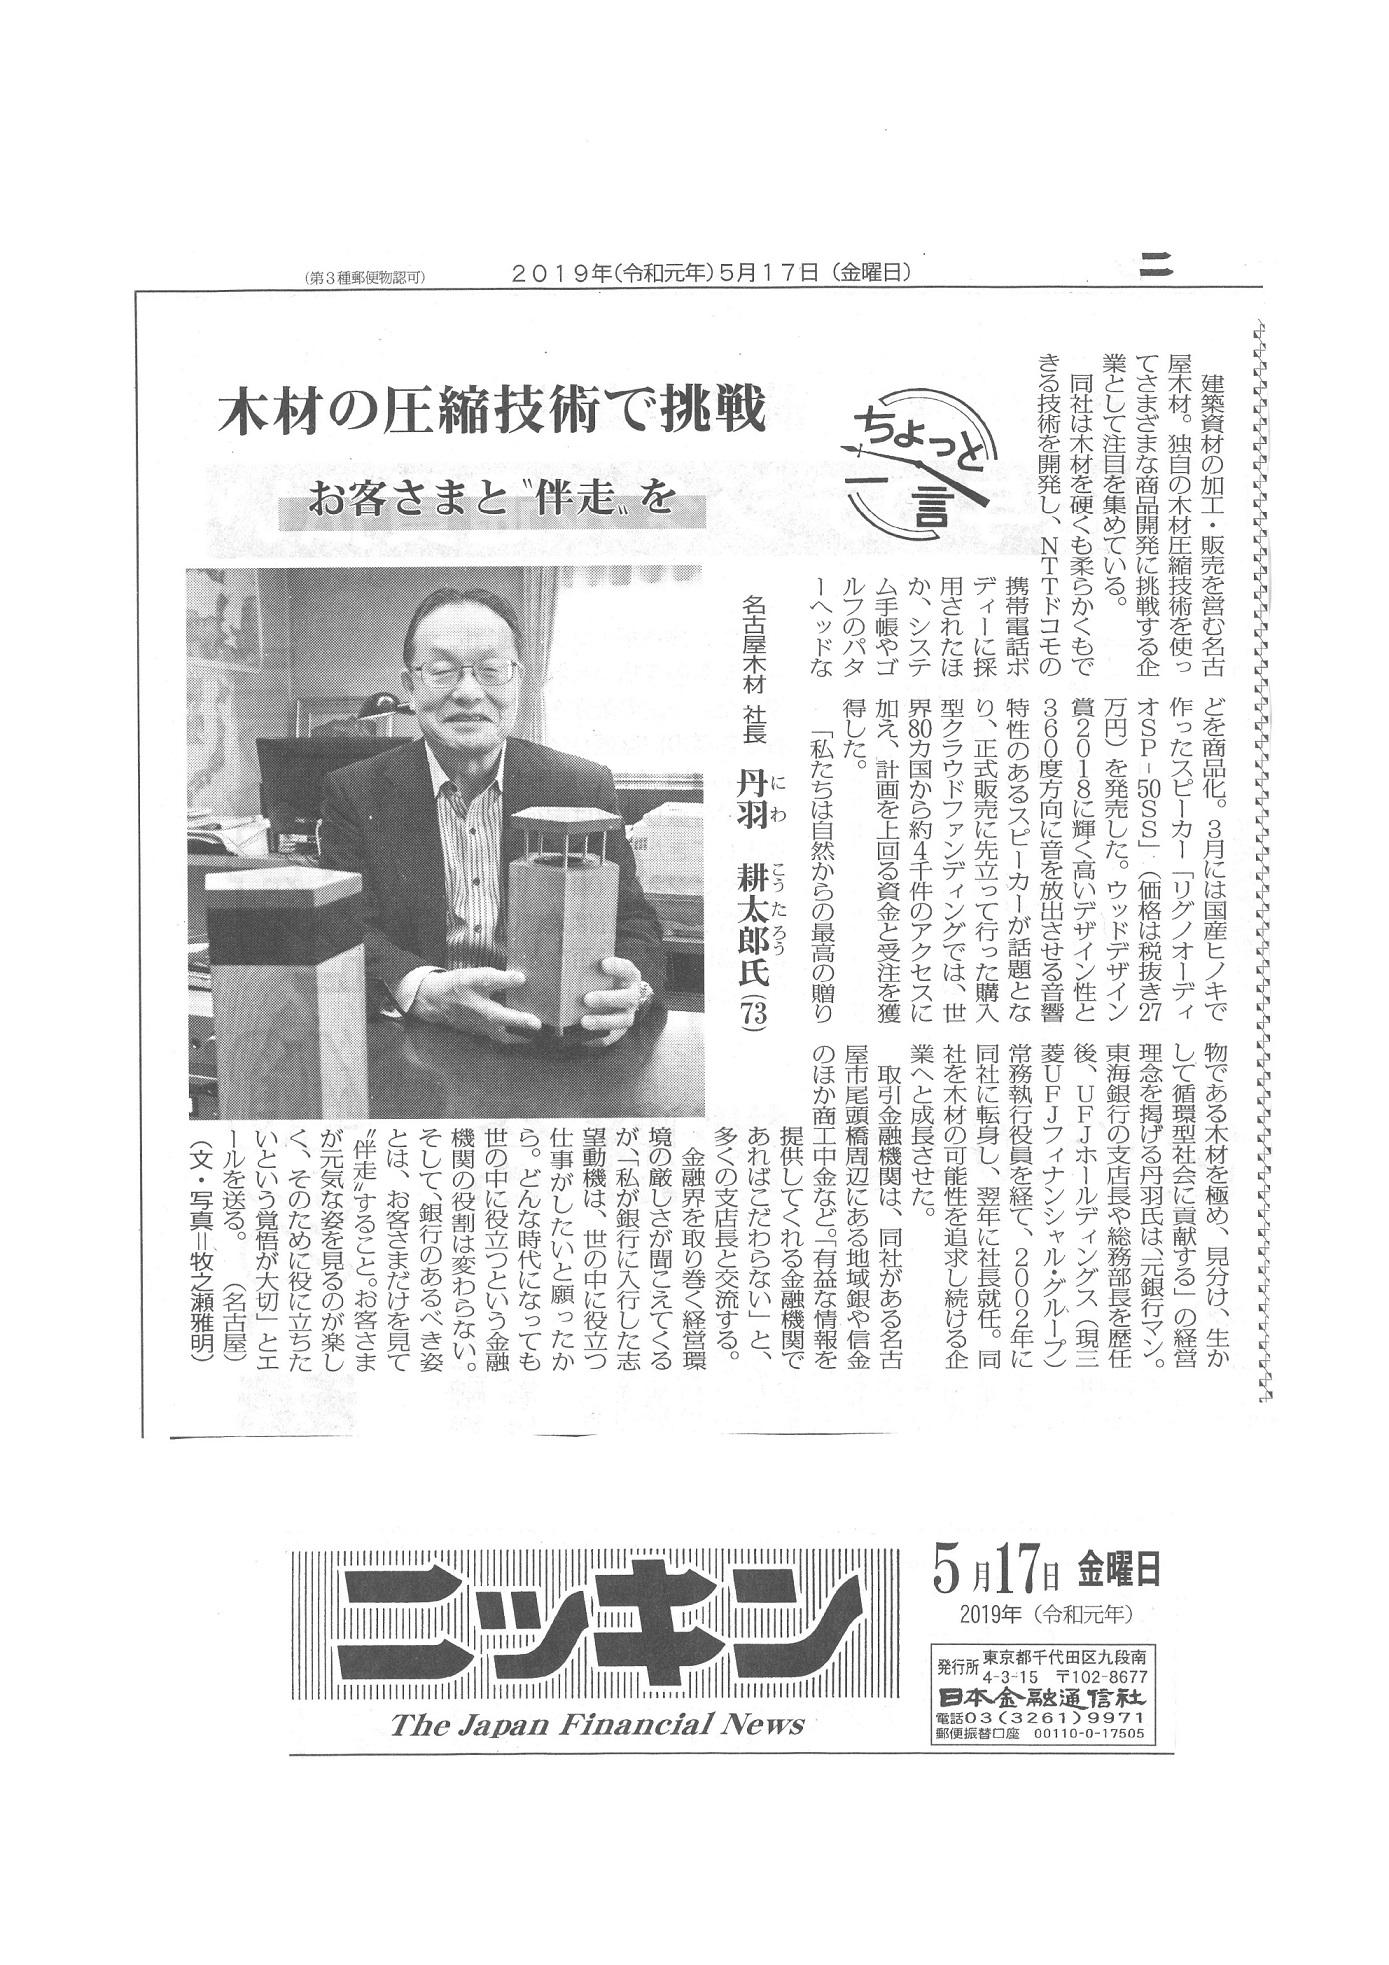 2019年5月17日(金) ニッキン掲載「ちょっと一言」